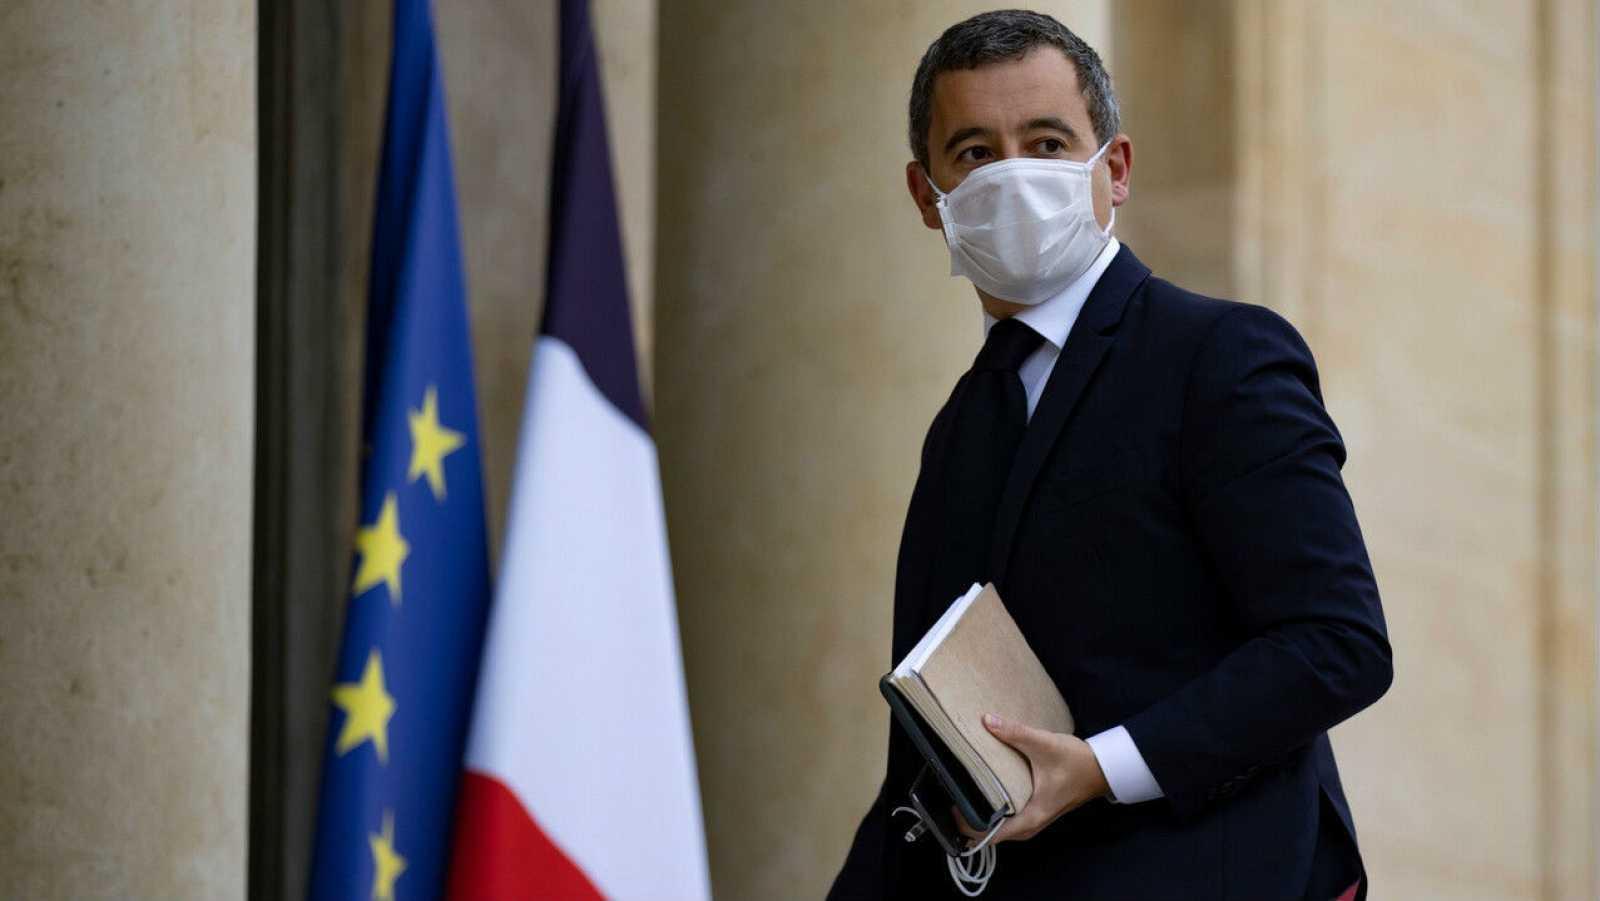 El ministro del Interior francés, Gerald Darmanin, llega para una reunión en el Palacio del Elíseo en París, Francia.